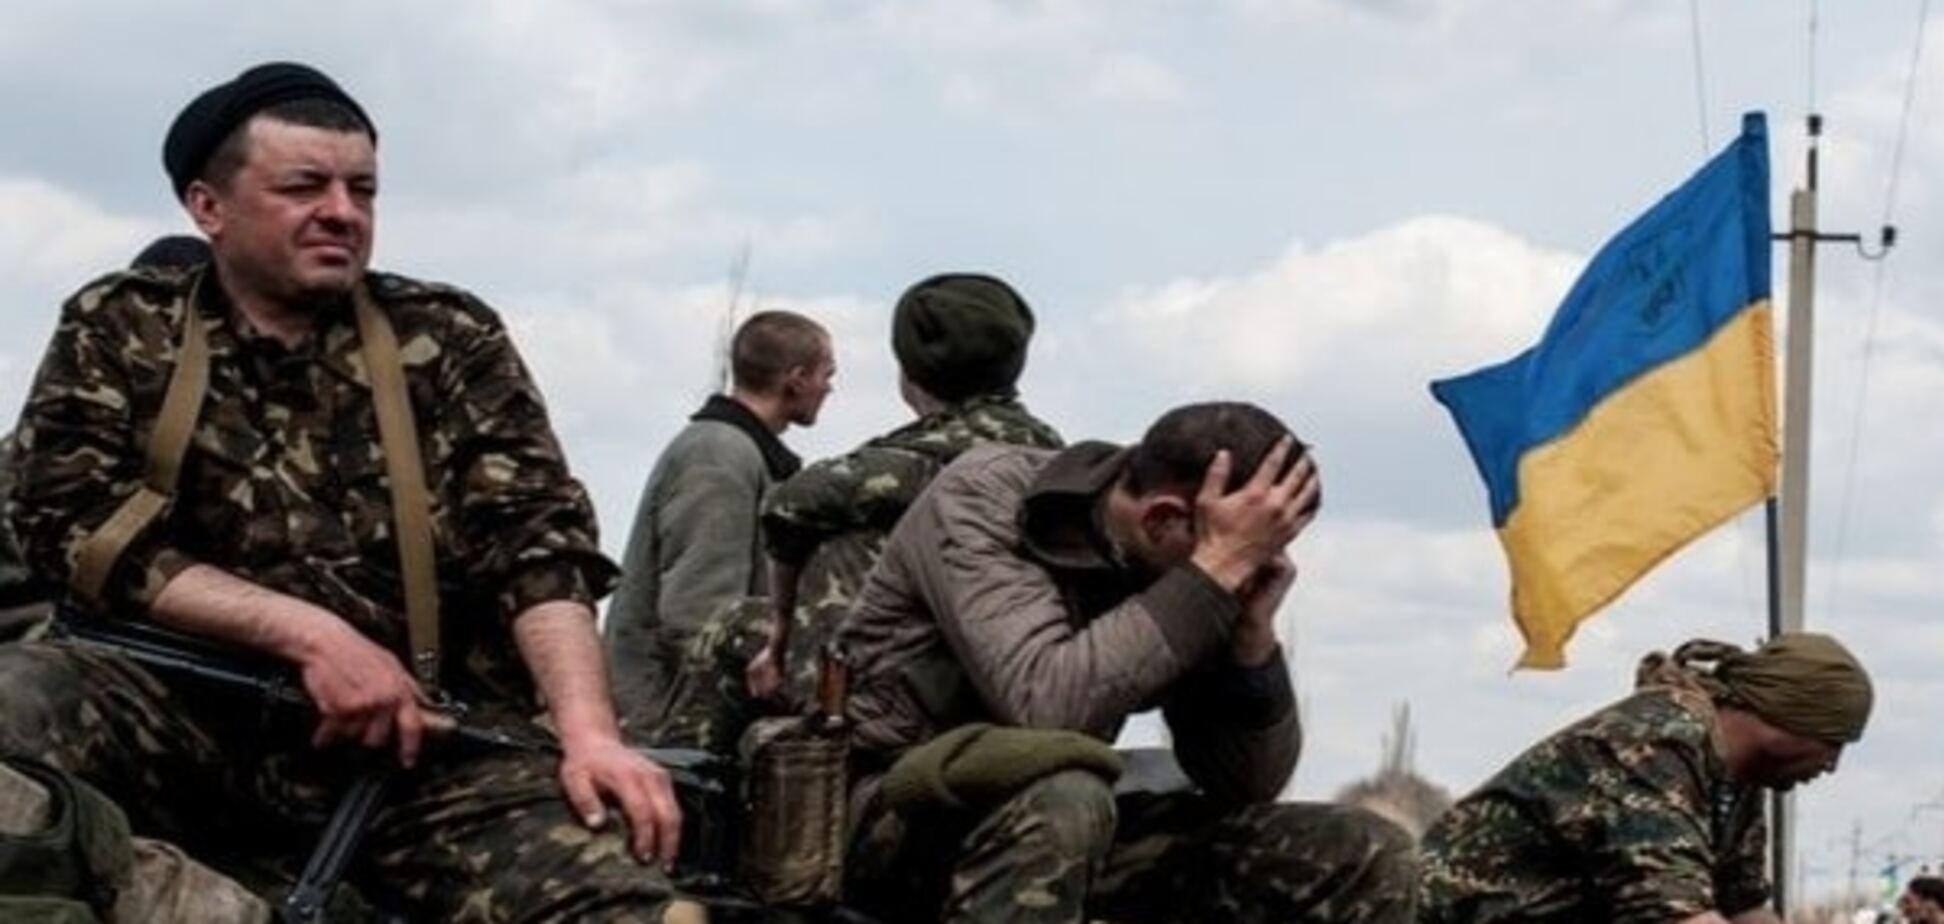 Как на ладони: волонтеры рассказали, почему боевикам удается атаковать украинских военных